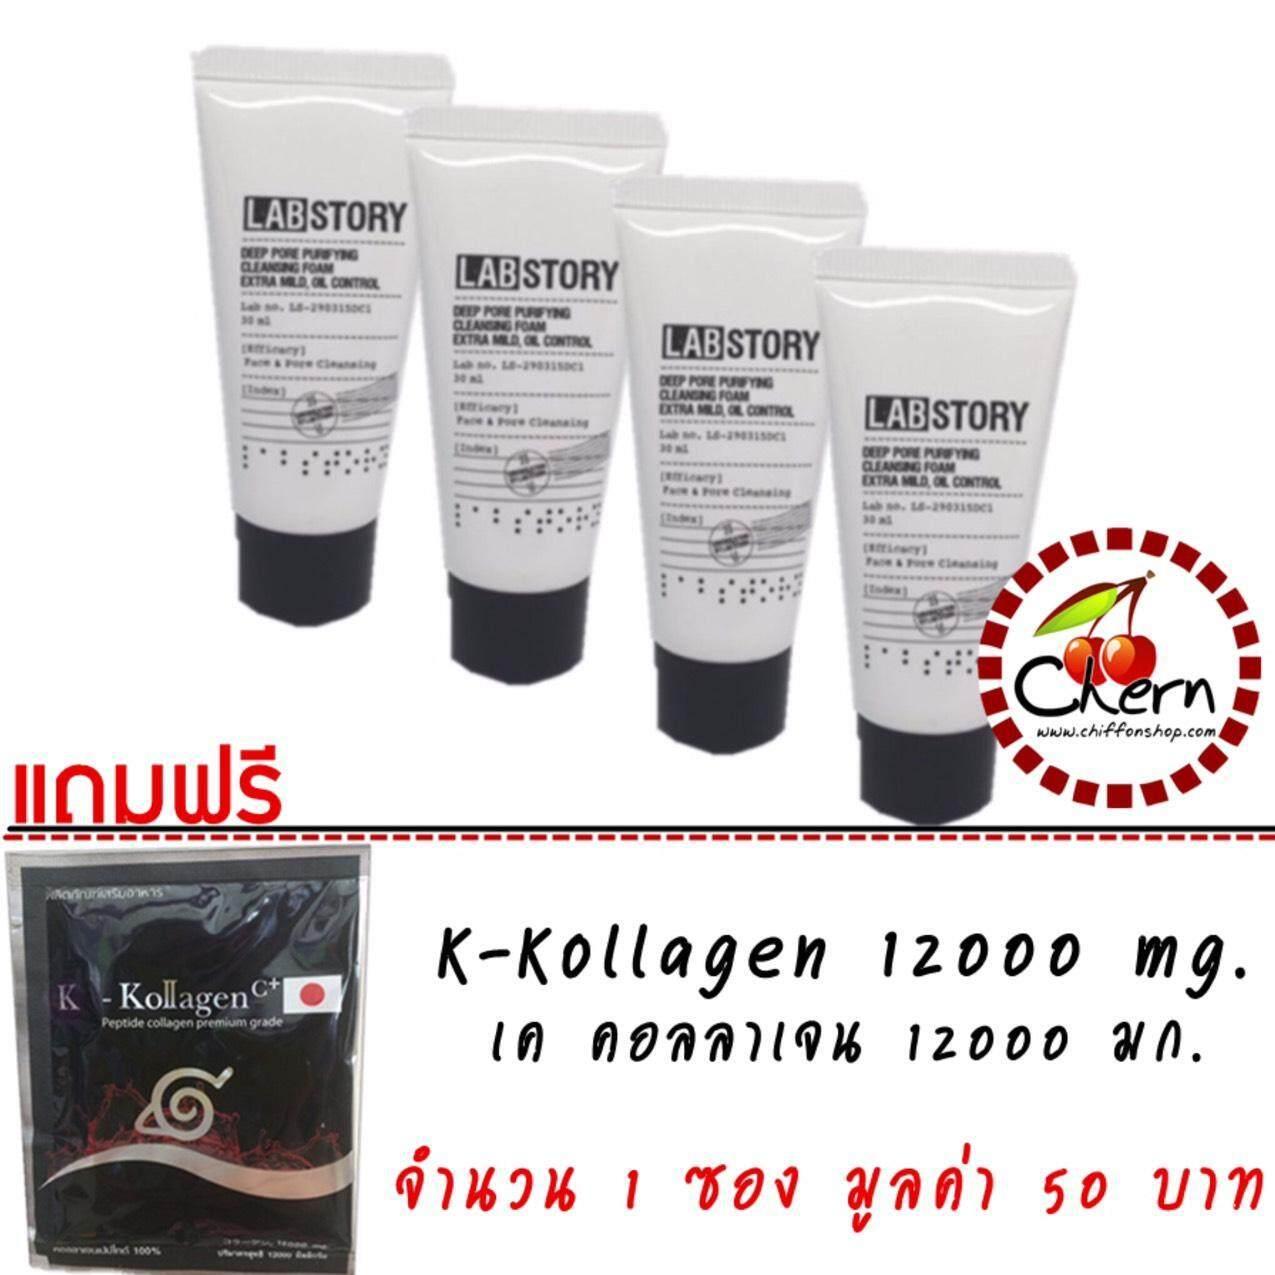 ขาย Labstory Deep Pore Purifying Cleansing Foam Extra Mild Oil Controlแล็ปสตอรี่ ดีพ พอร์ คลีนซิ่งโฟม 30 Ml 4หลอด Labstory ออนไลน์